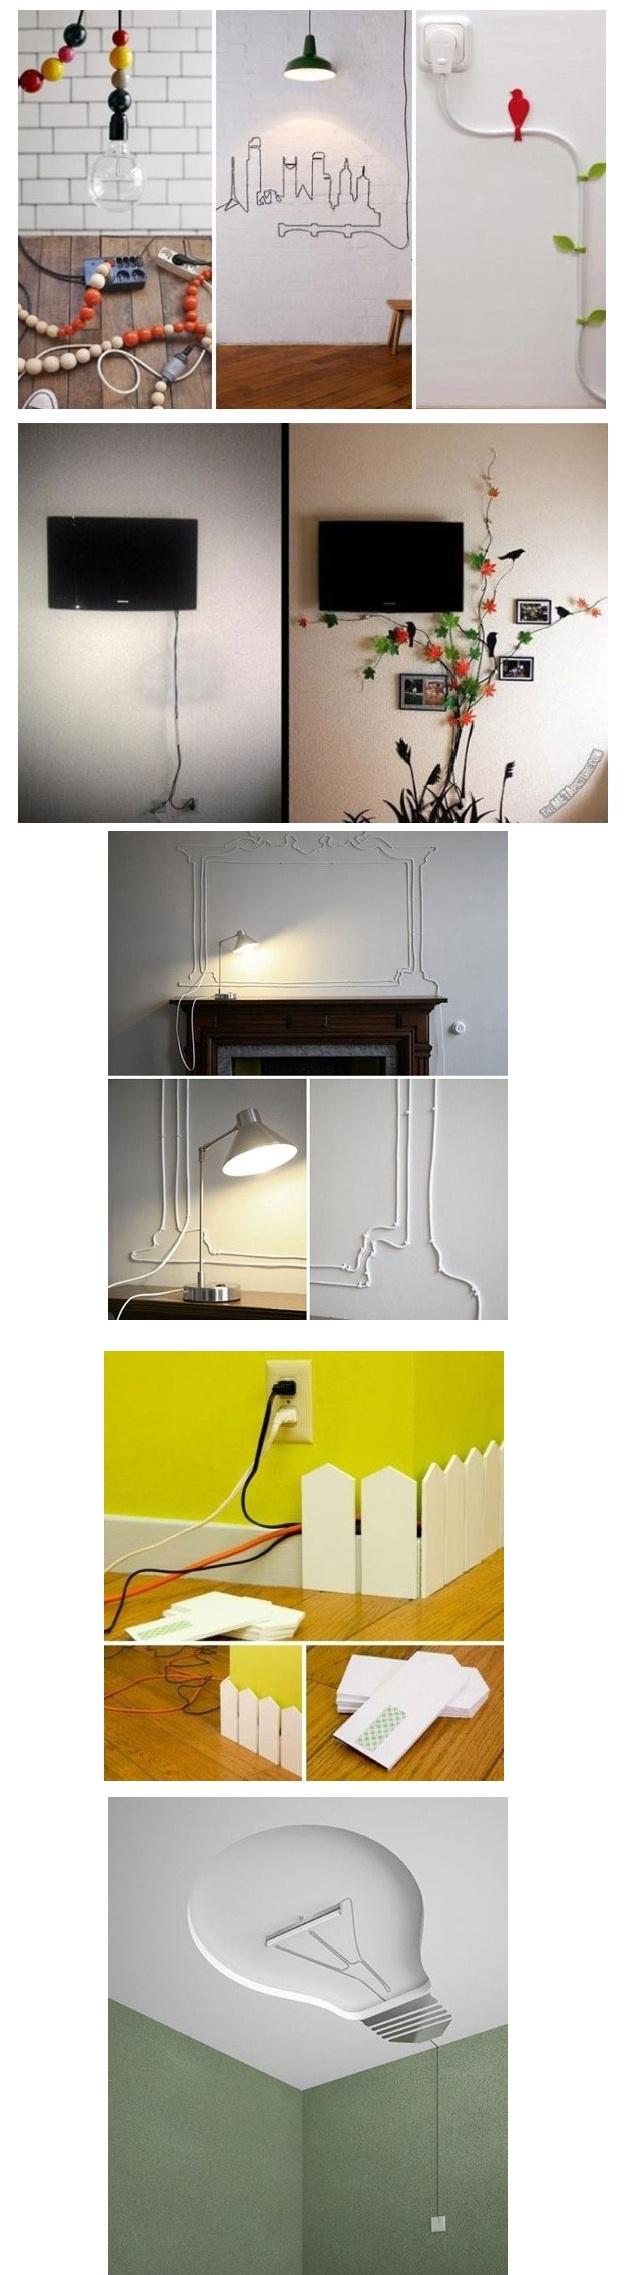 نخفي الأسلاك الكهربائية الظاهرة منازلنا